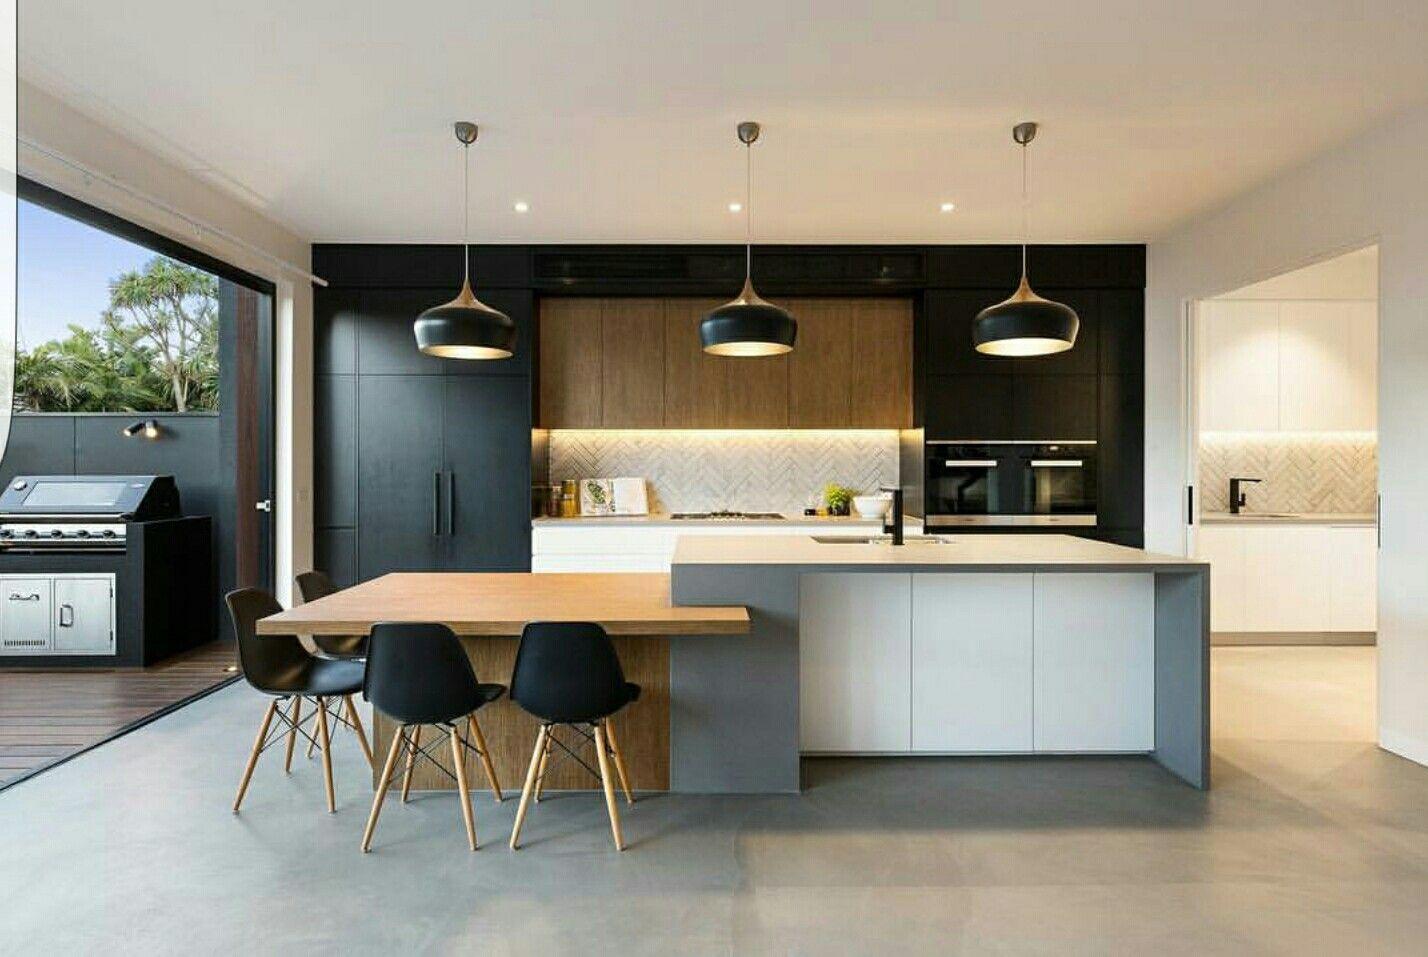 Epingle Par V M Sur Kitchen Cuisine Moderne Cuisine Contemporaine Cuisine Design Moderne